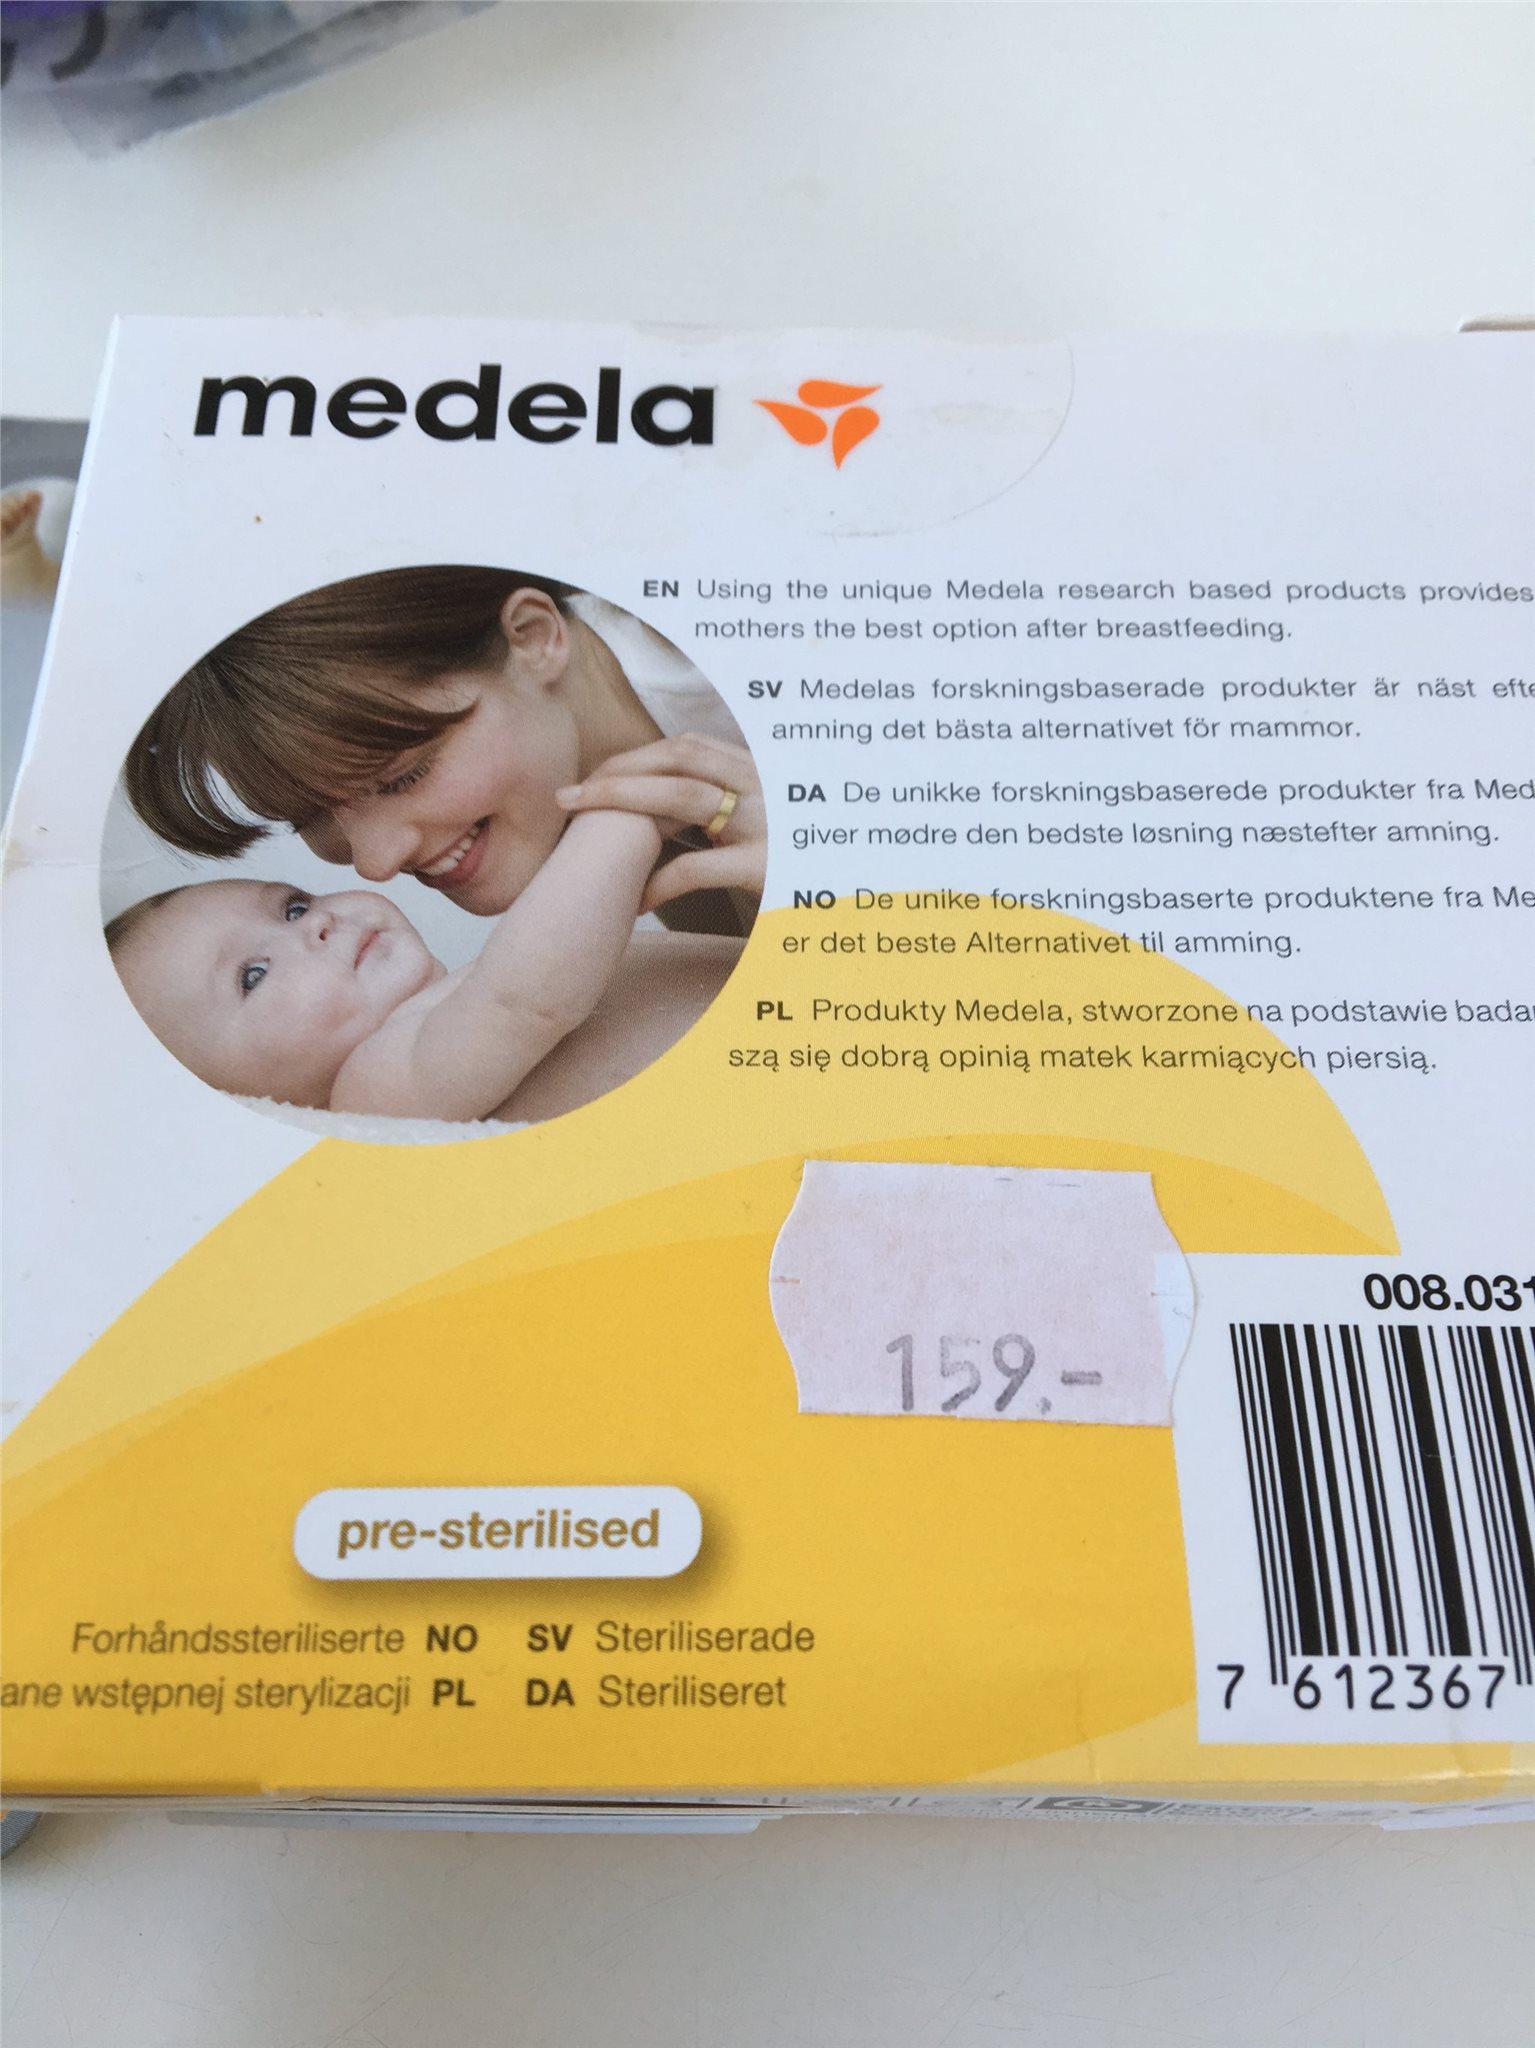 Medela bröstmjölkspåsar fryspåsar (339132278) ᐈ Köp på Tradera 966766322dbb5